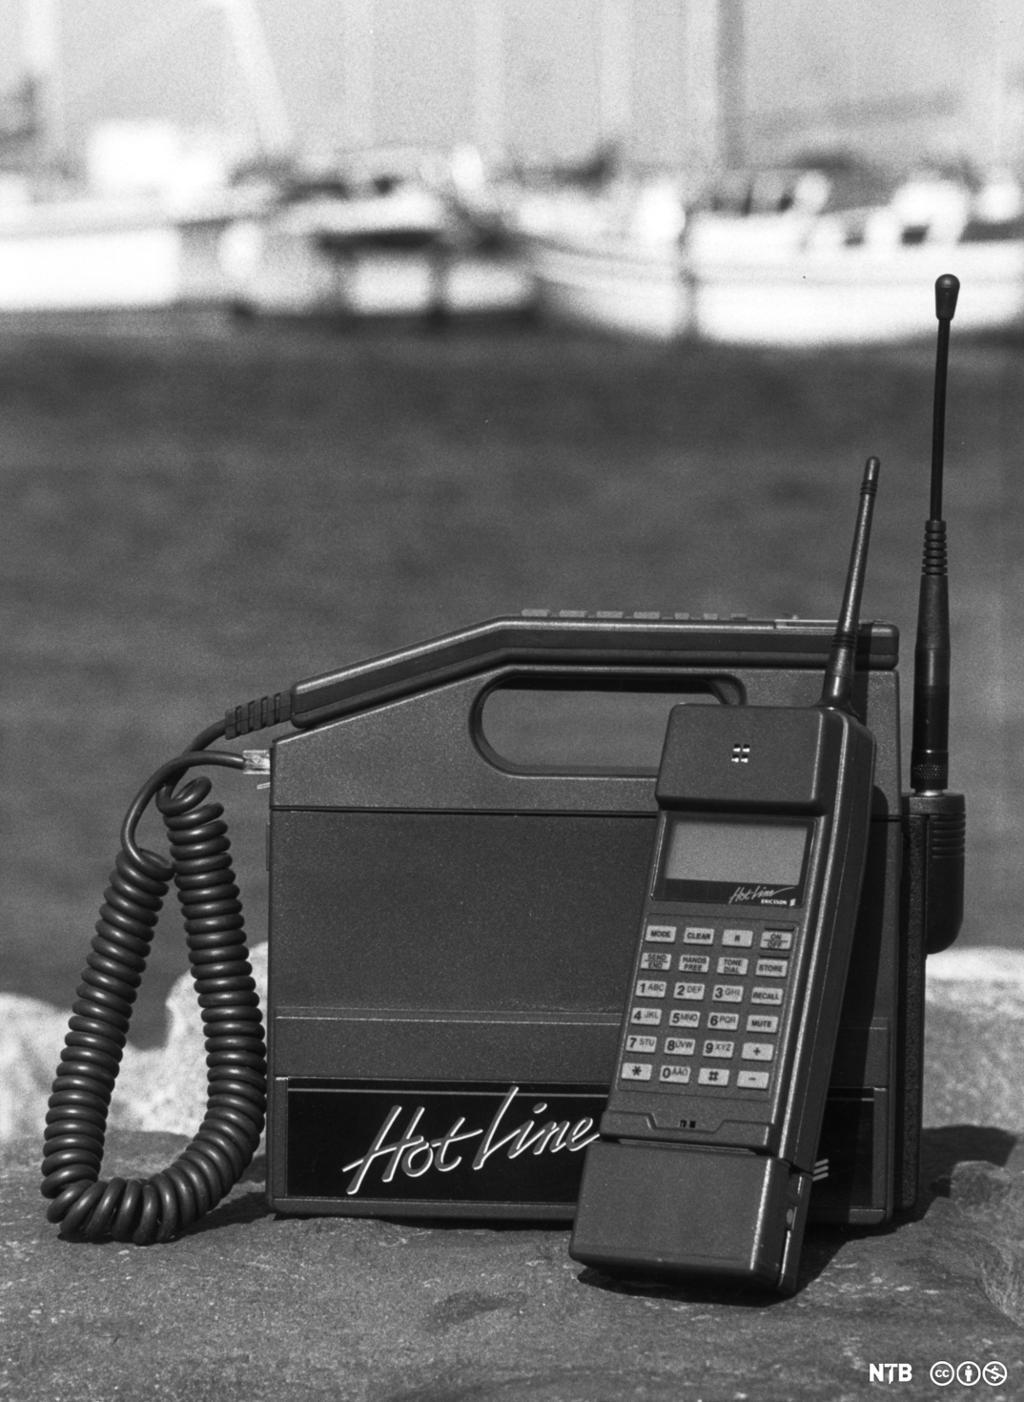 En gammel mobiltelefon formet som en boks med bærehåndtak. Foto.